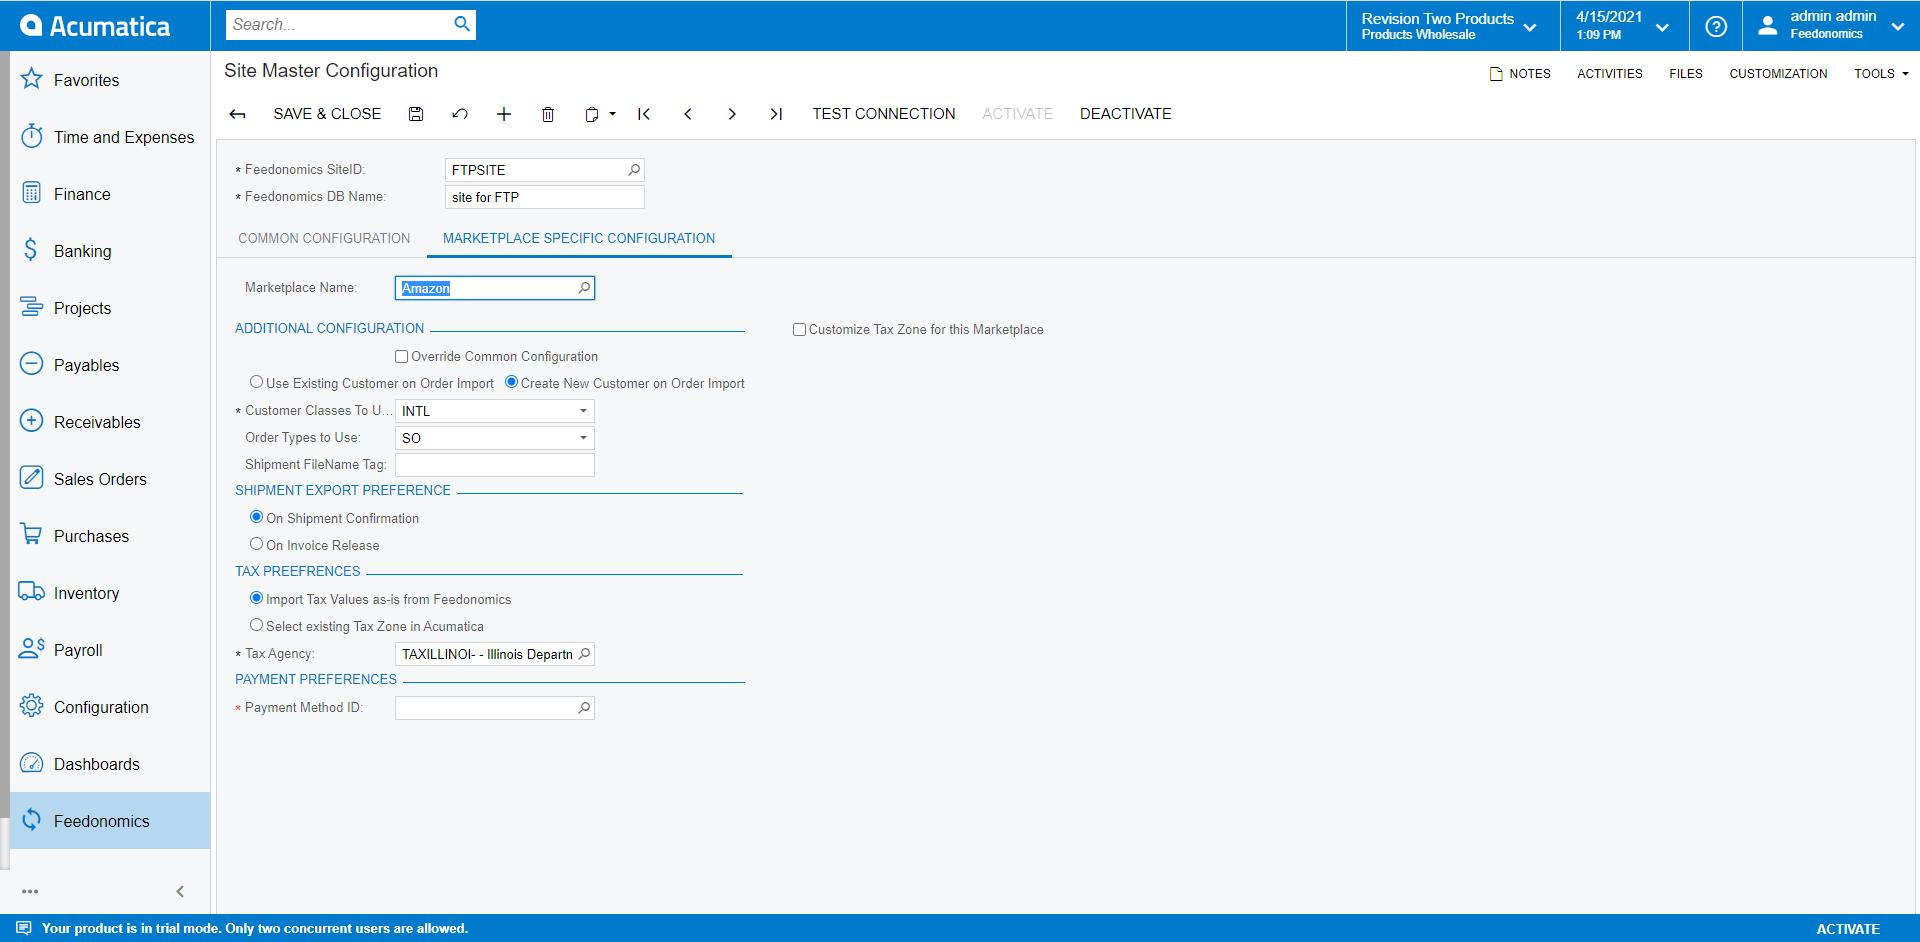 Marketplace Specific Configuration Screen in Acumatica